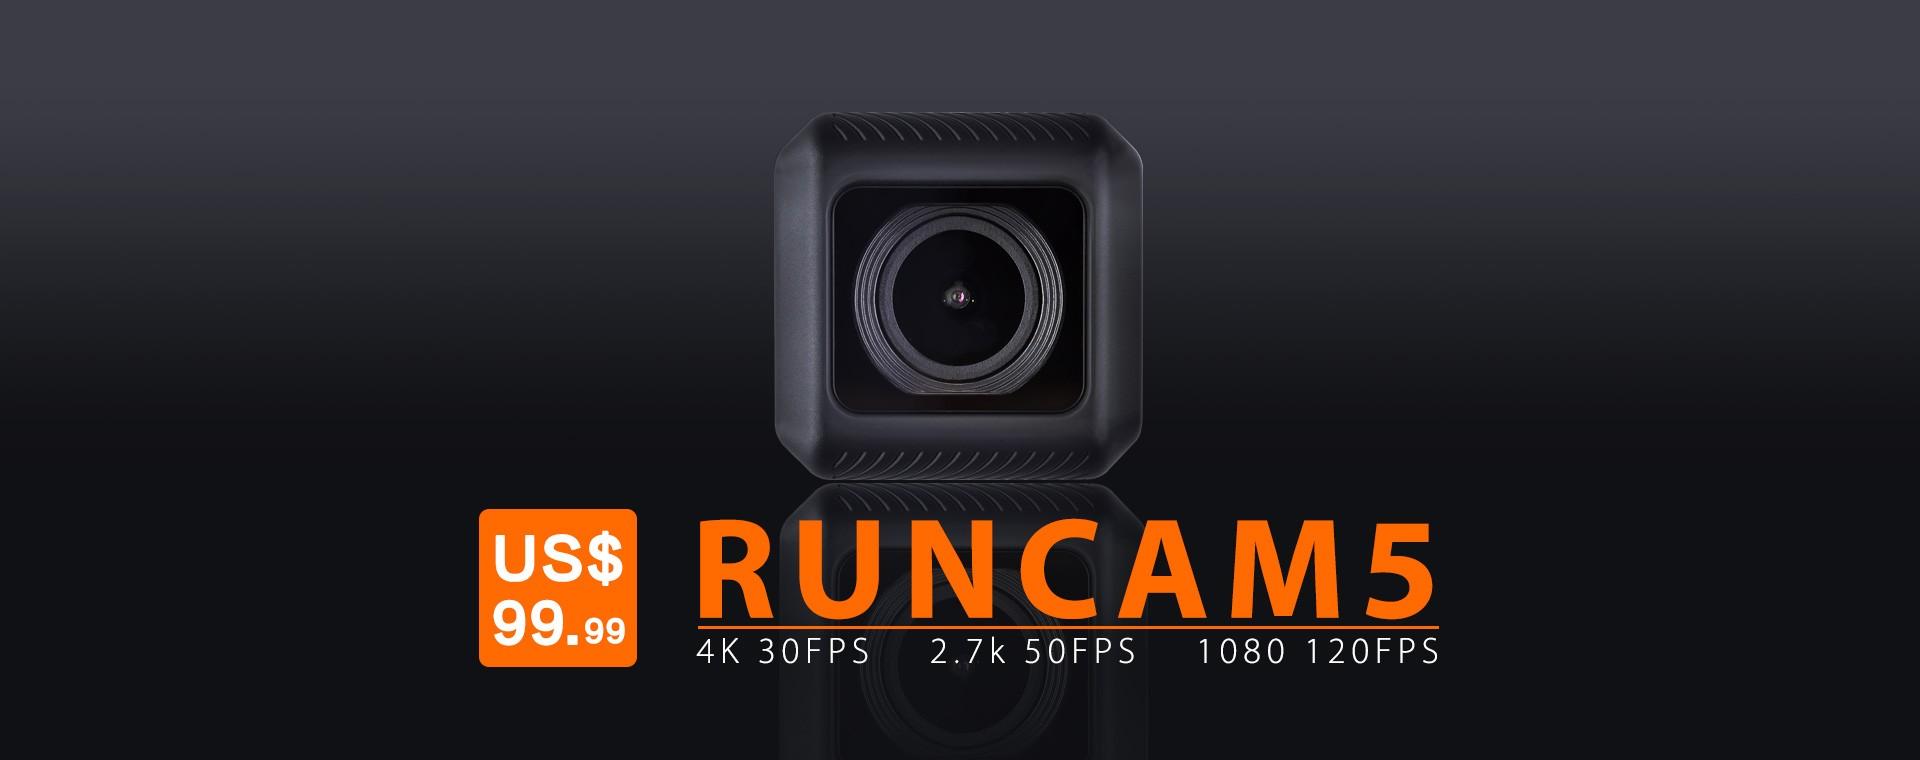 RunCam 5 4K HD Action Camera 2